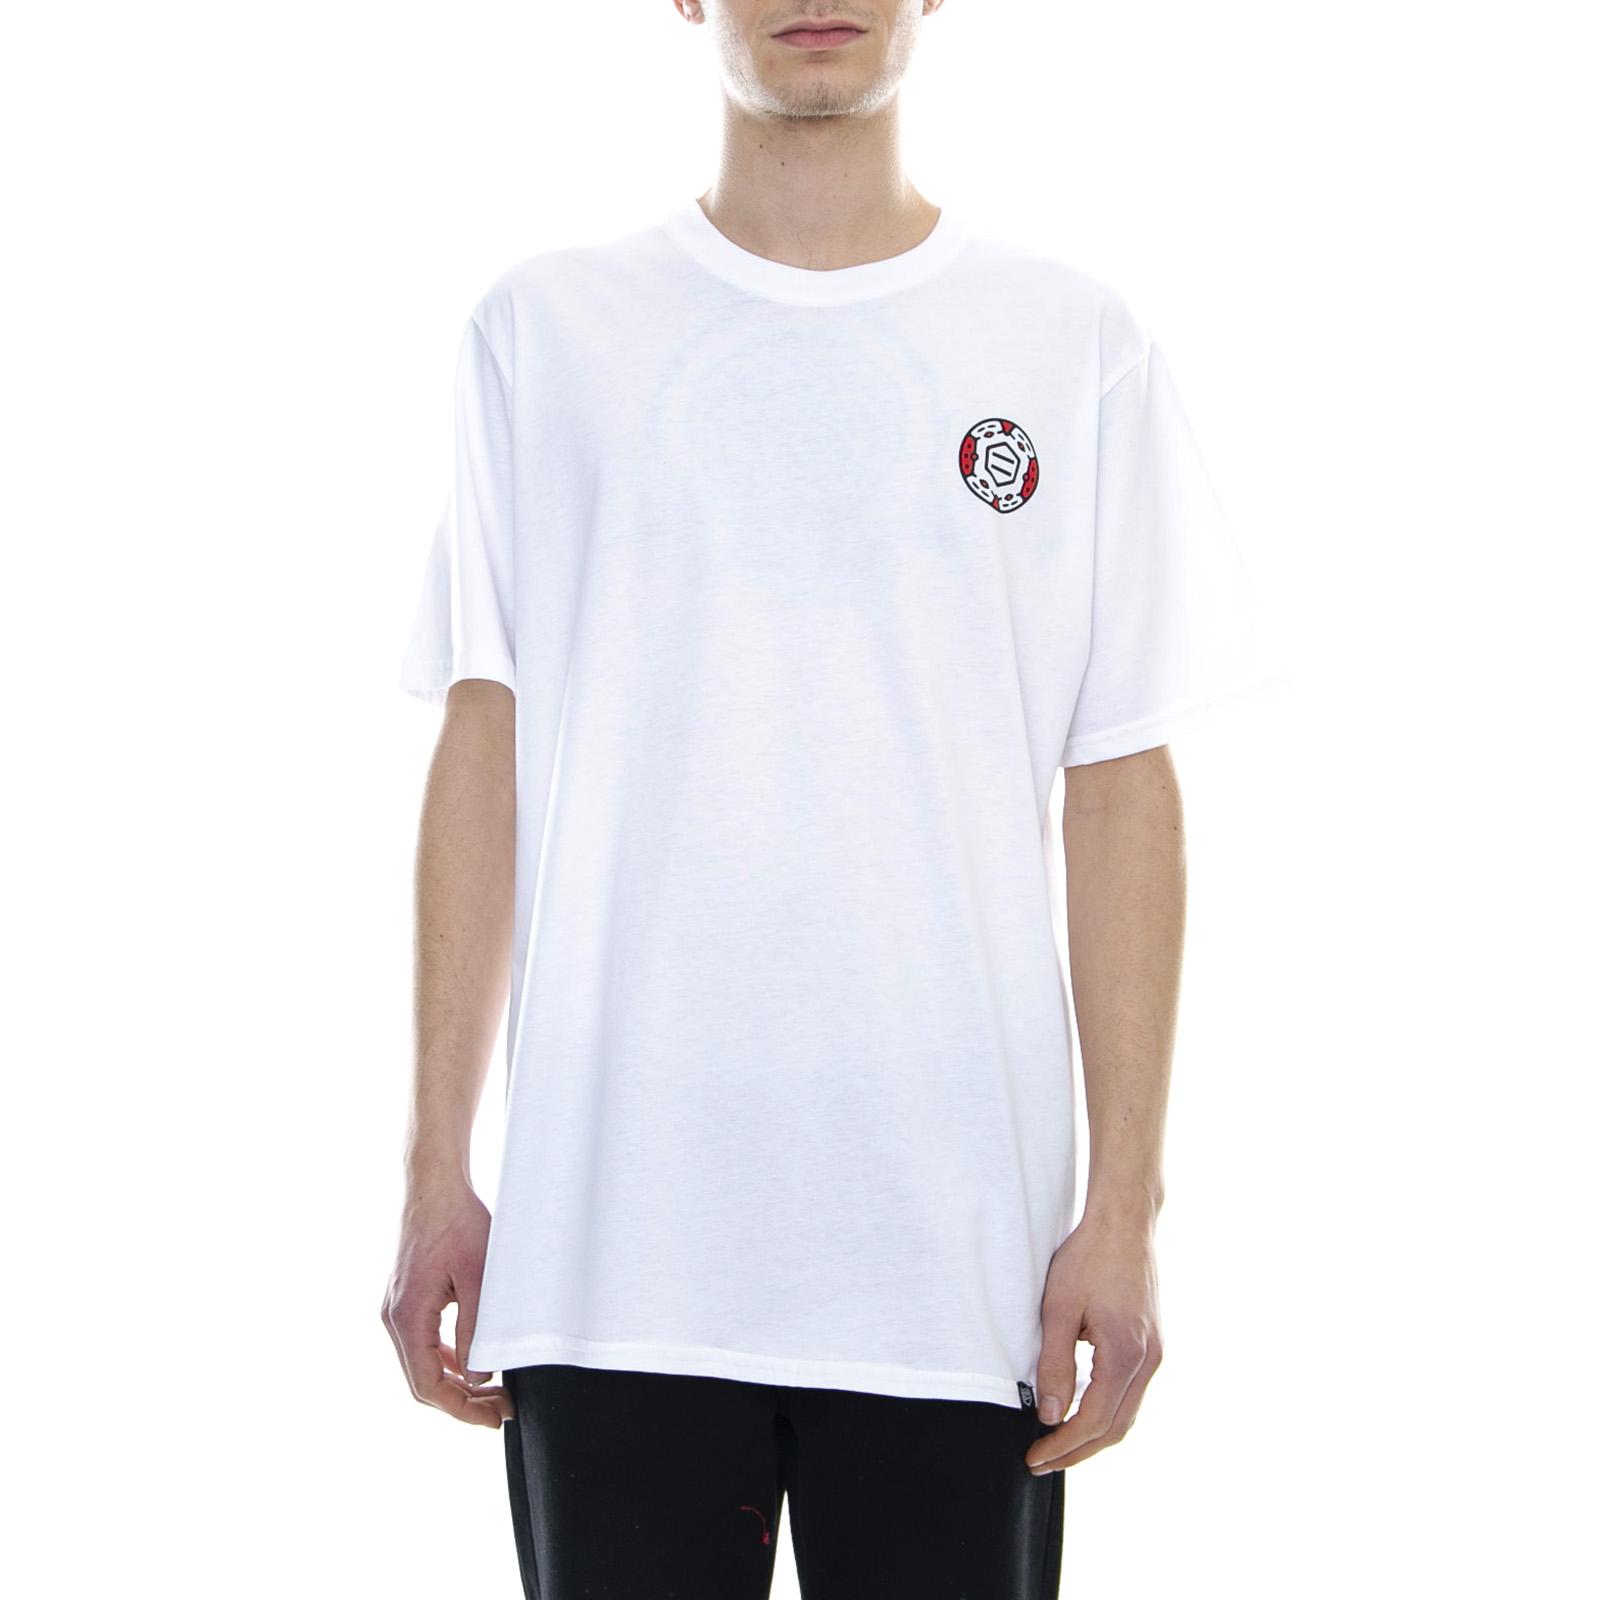 96008d5e0 Dolly Noire African Shield T-Shirt - White - Maglietta Da Uomo Bianco 2 2  di 3 ...